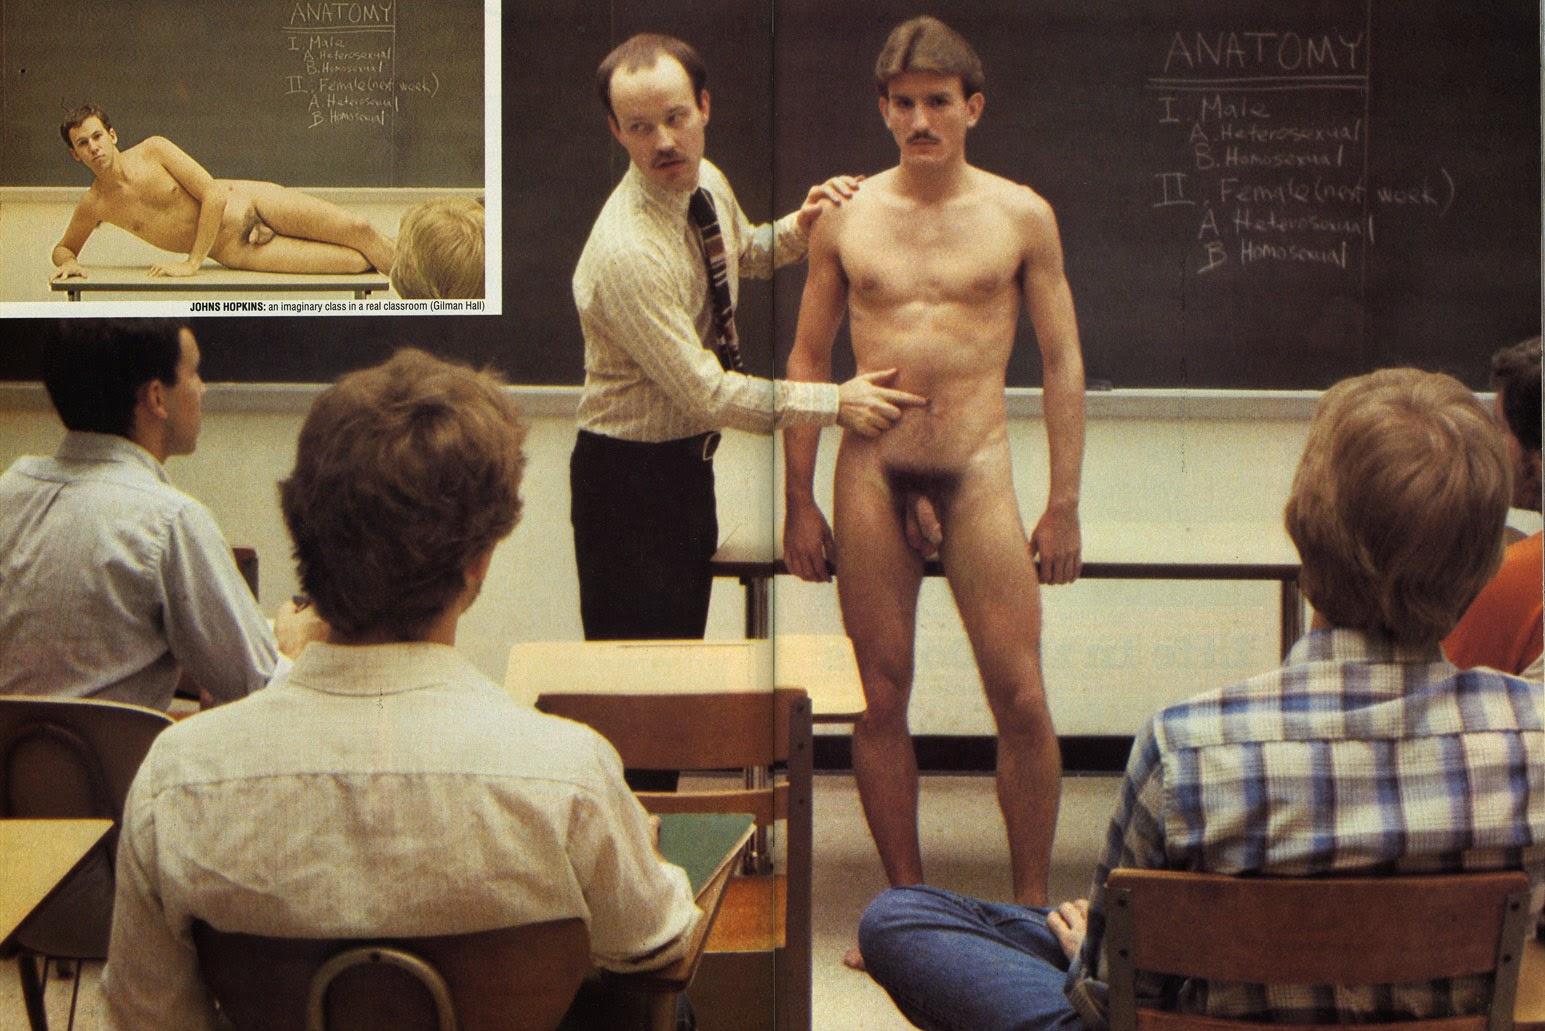 nude Ivy league